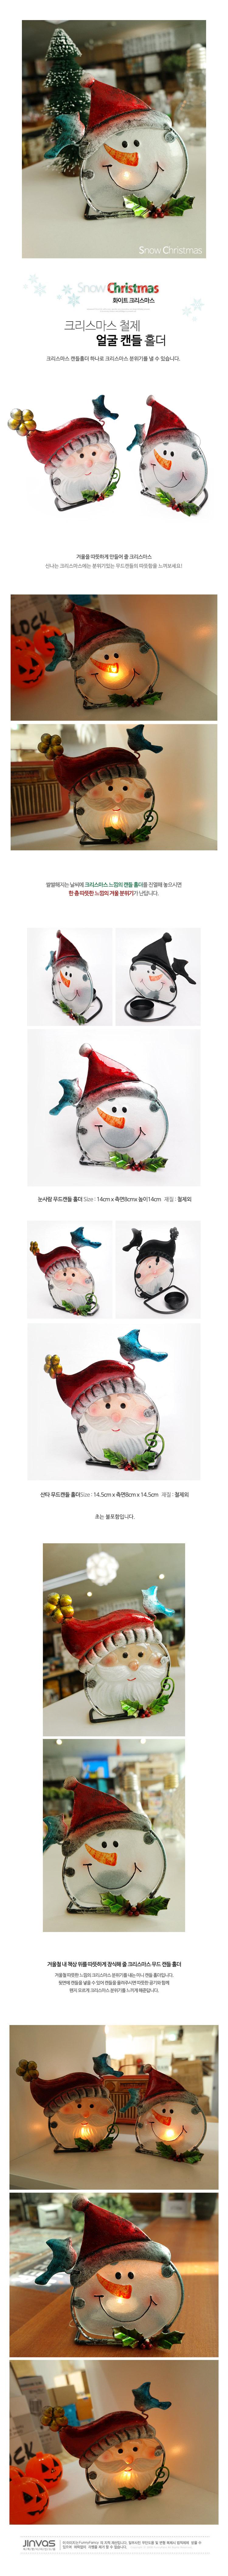 크리스마스 산타얼굴 철제 캔들홀더 - 진바스, 9,900원, 캔들, 캔들홀더/소품